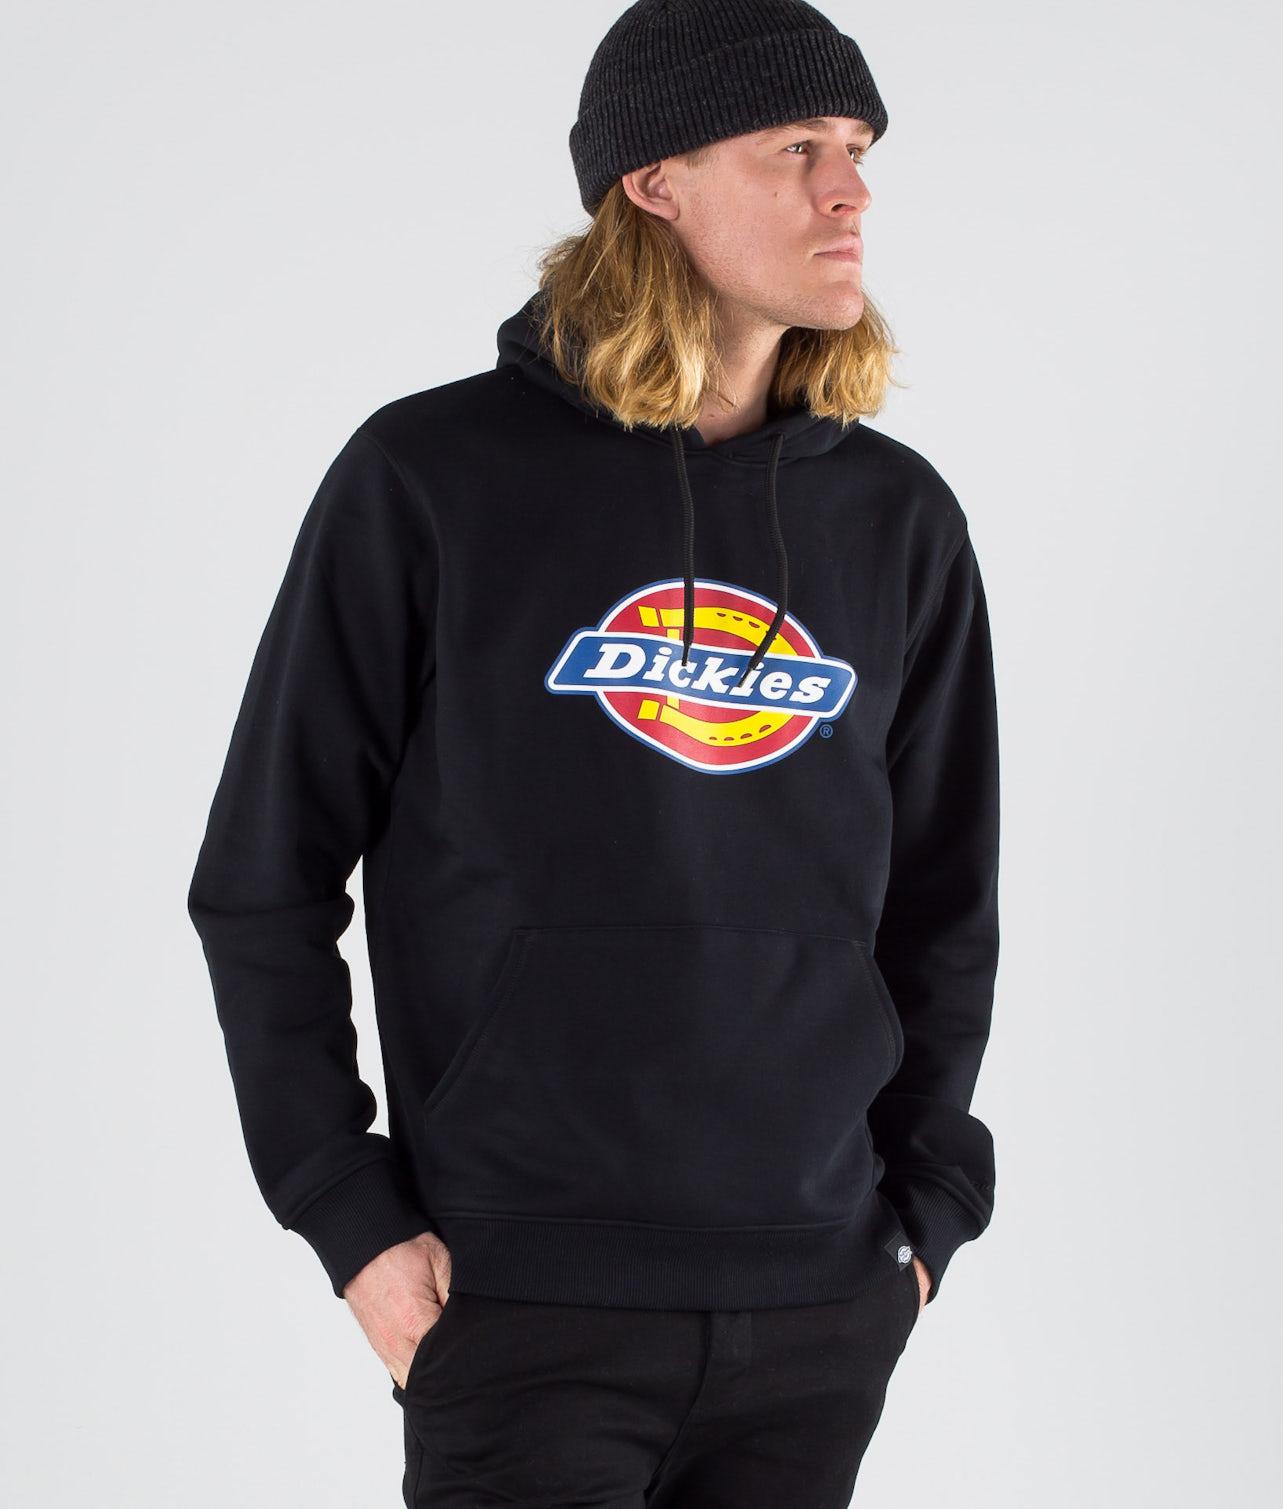 Kjøp San Antonio Hood fra Dickies på Ridestore.no - Hos oss har du alltid fri frakt, fri retur og 30 dagers åpent kjøp!